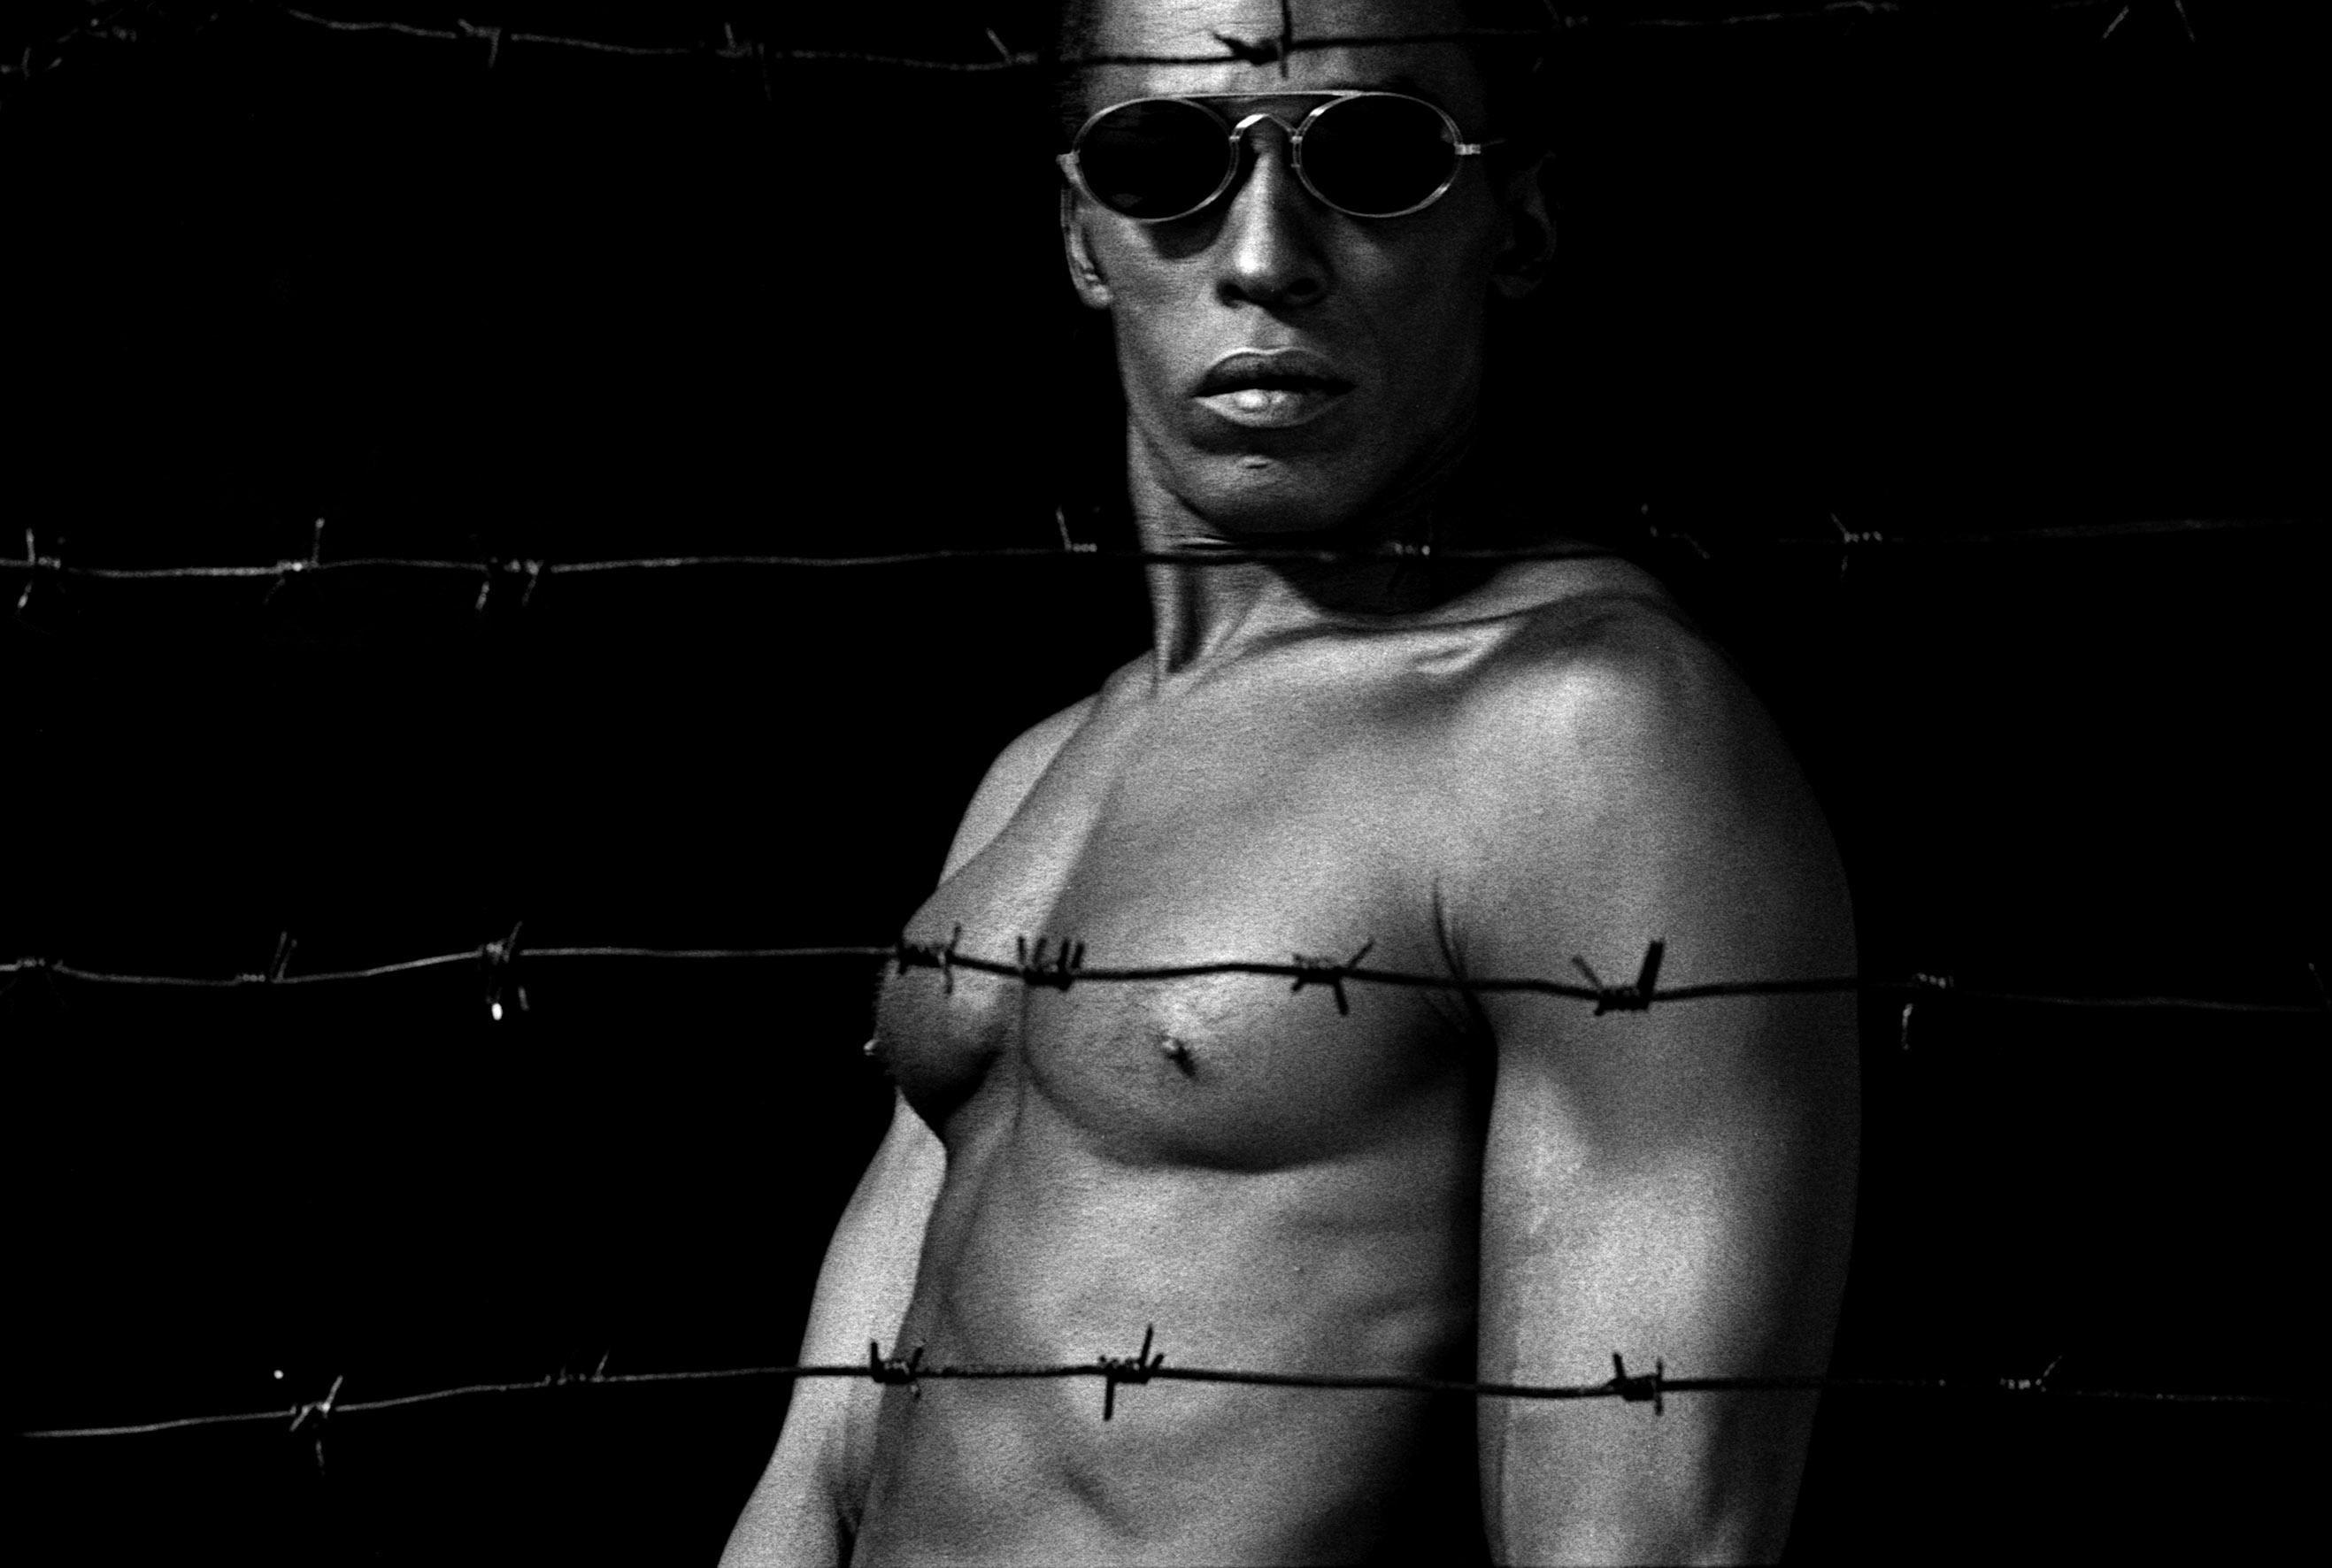 Untitled, Black & White - Self Portrait by René Peña